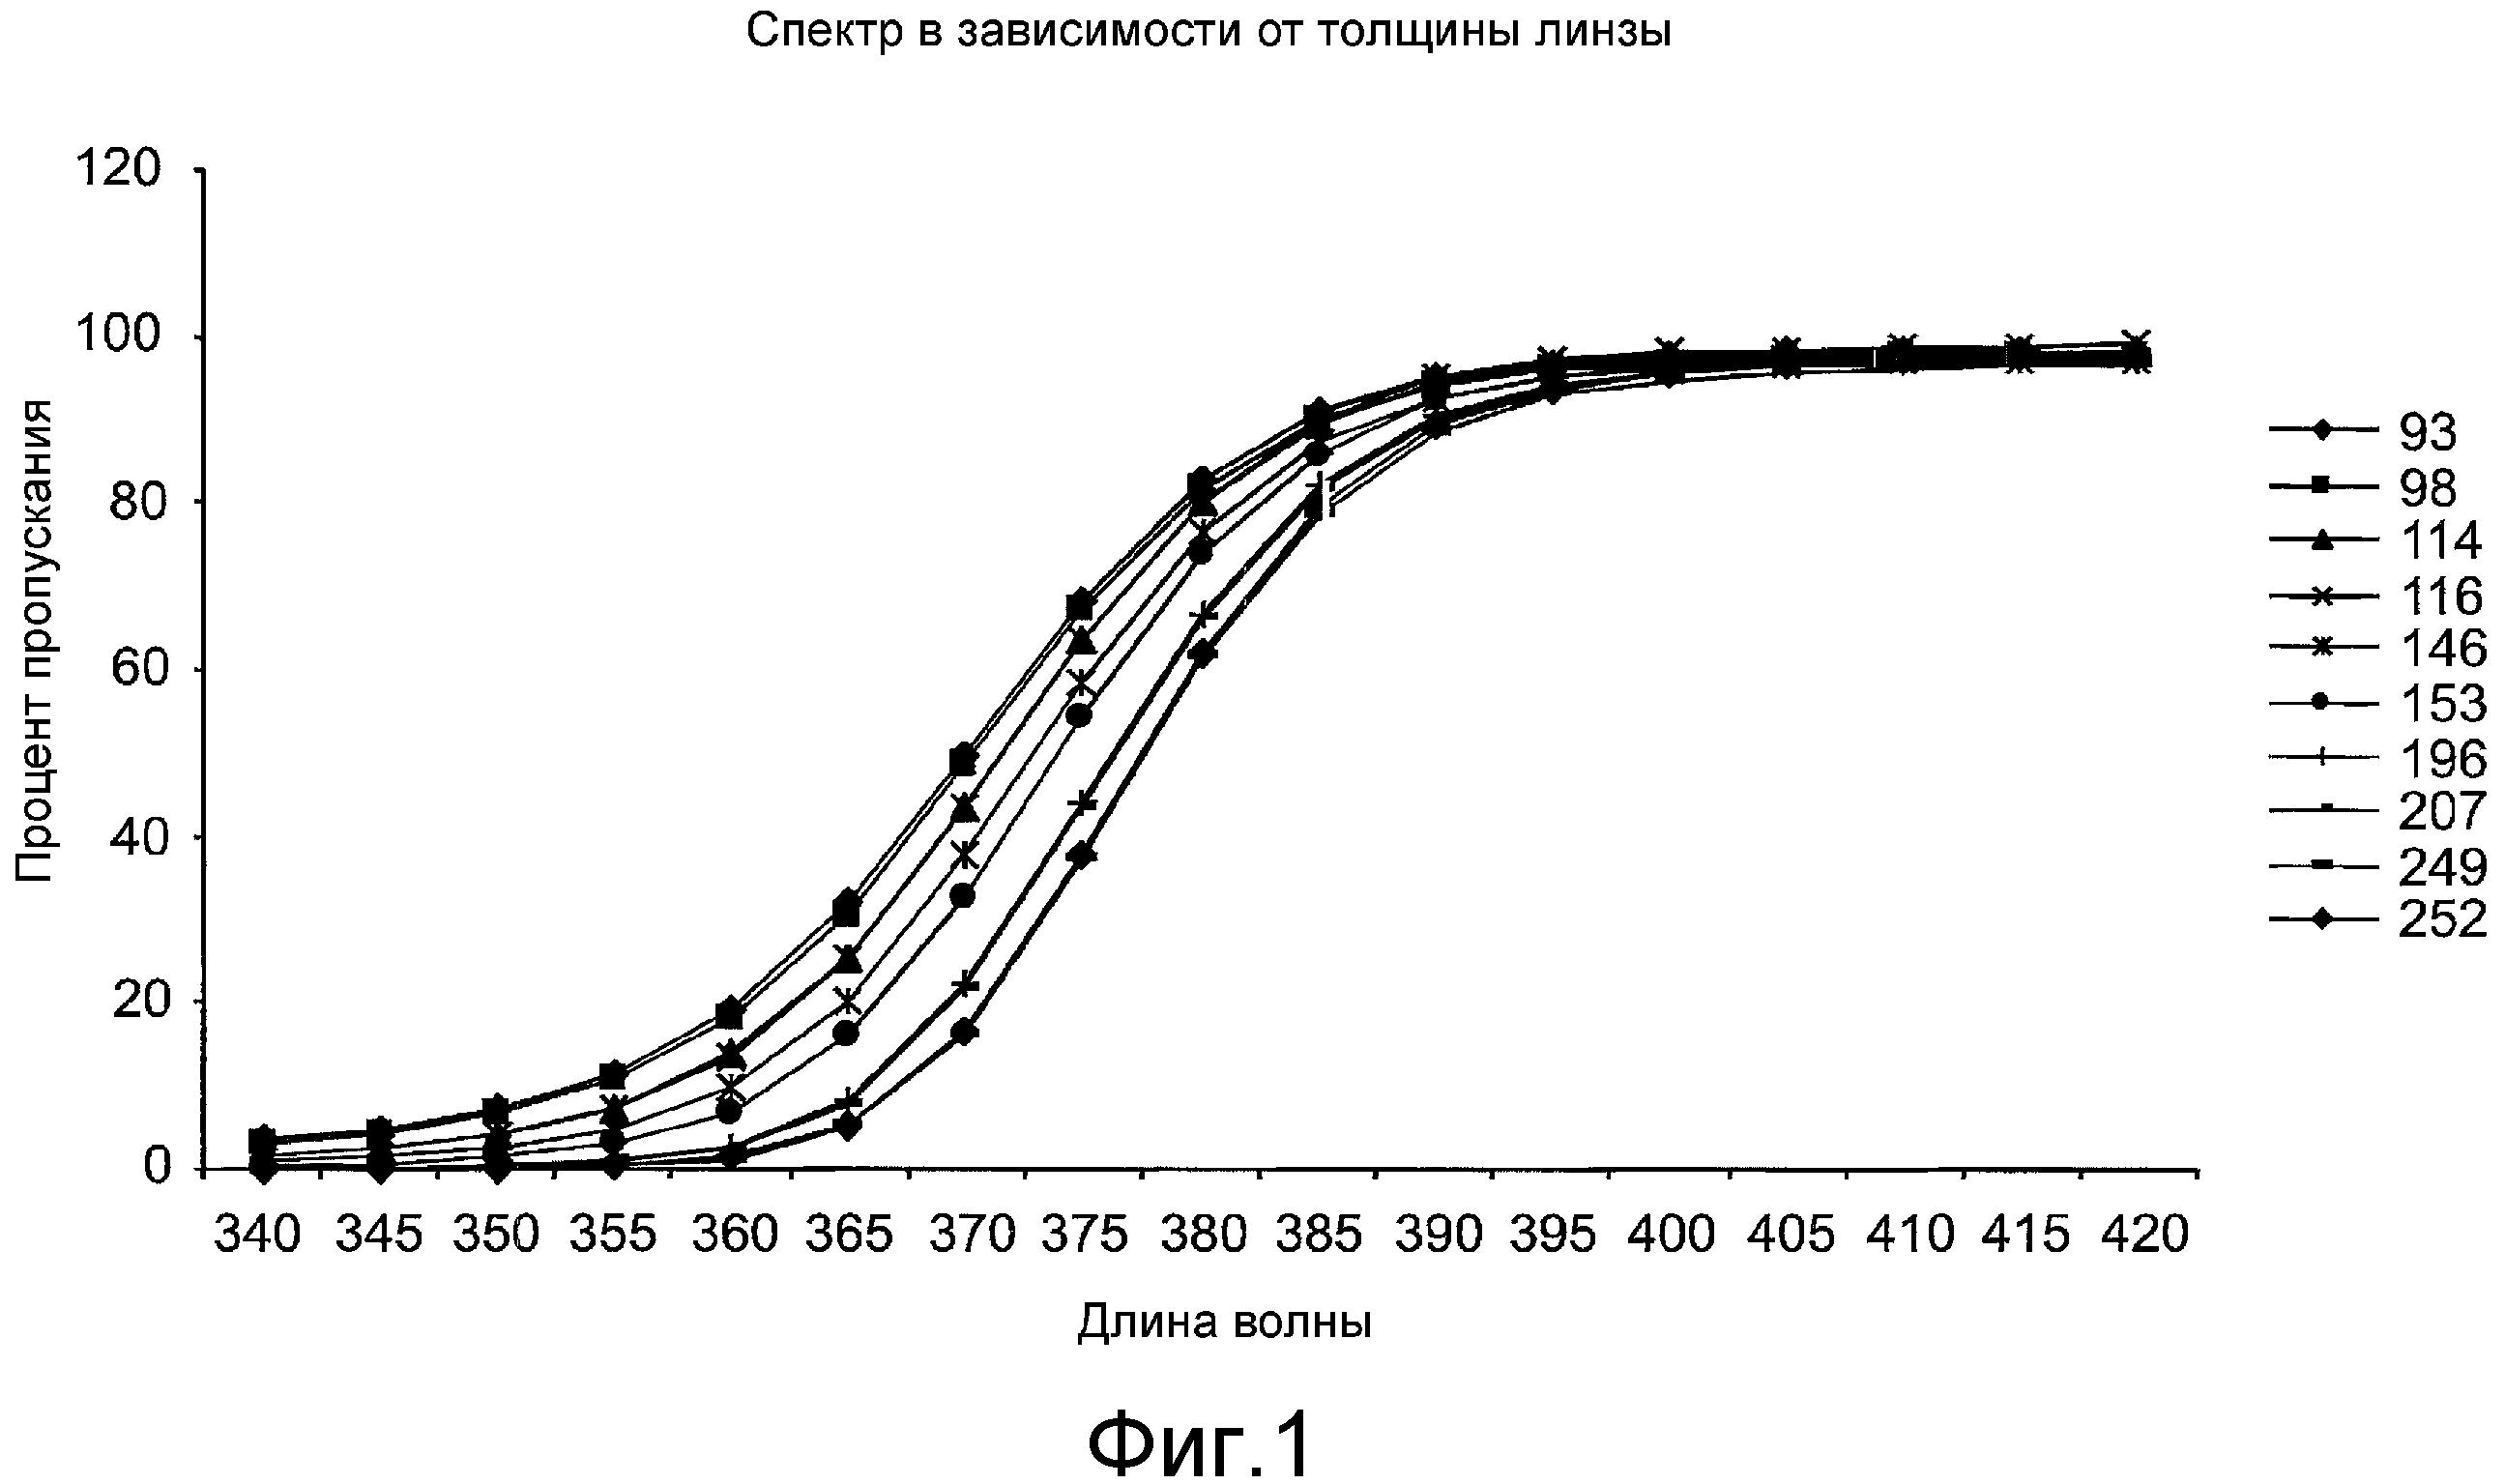 Способ определения оптимальной длины волны для инспекции офтальмологических линз